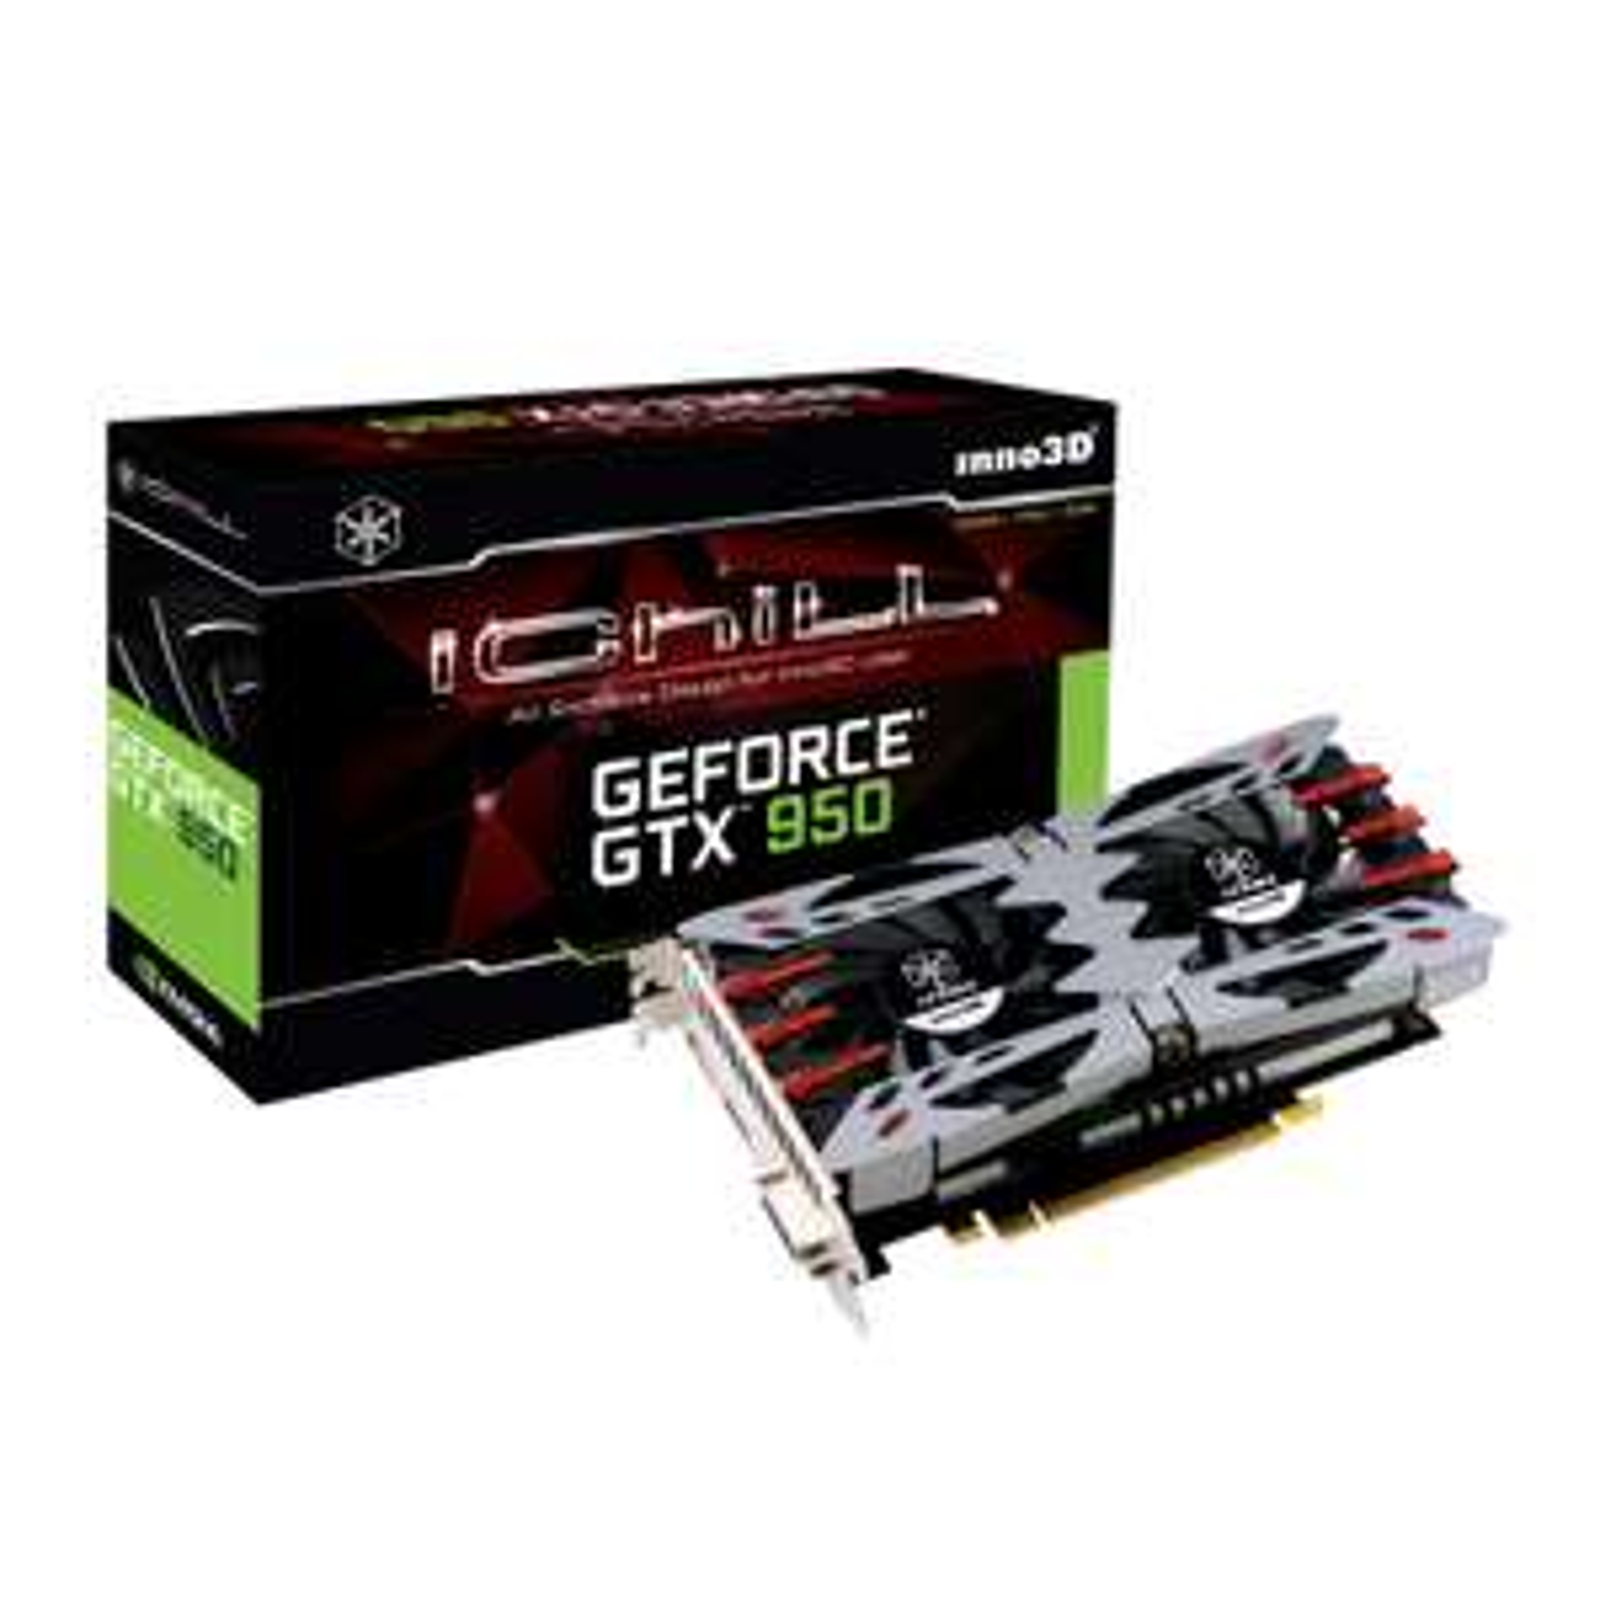 Carte graphique Zotax GeForce GTX 960 2 Go à 149€ et Inno3D iChill GeForce GTX 950 2G